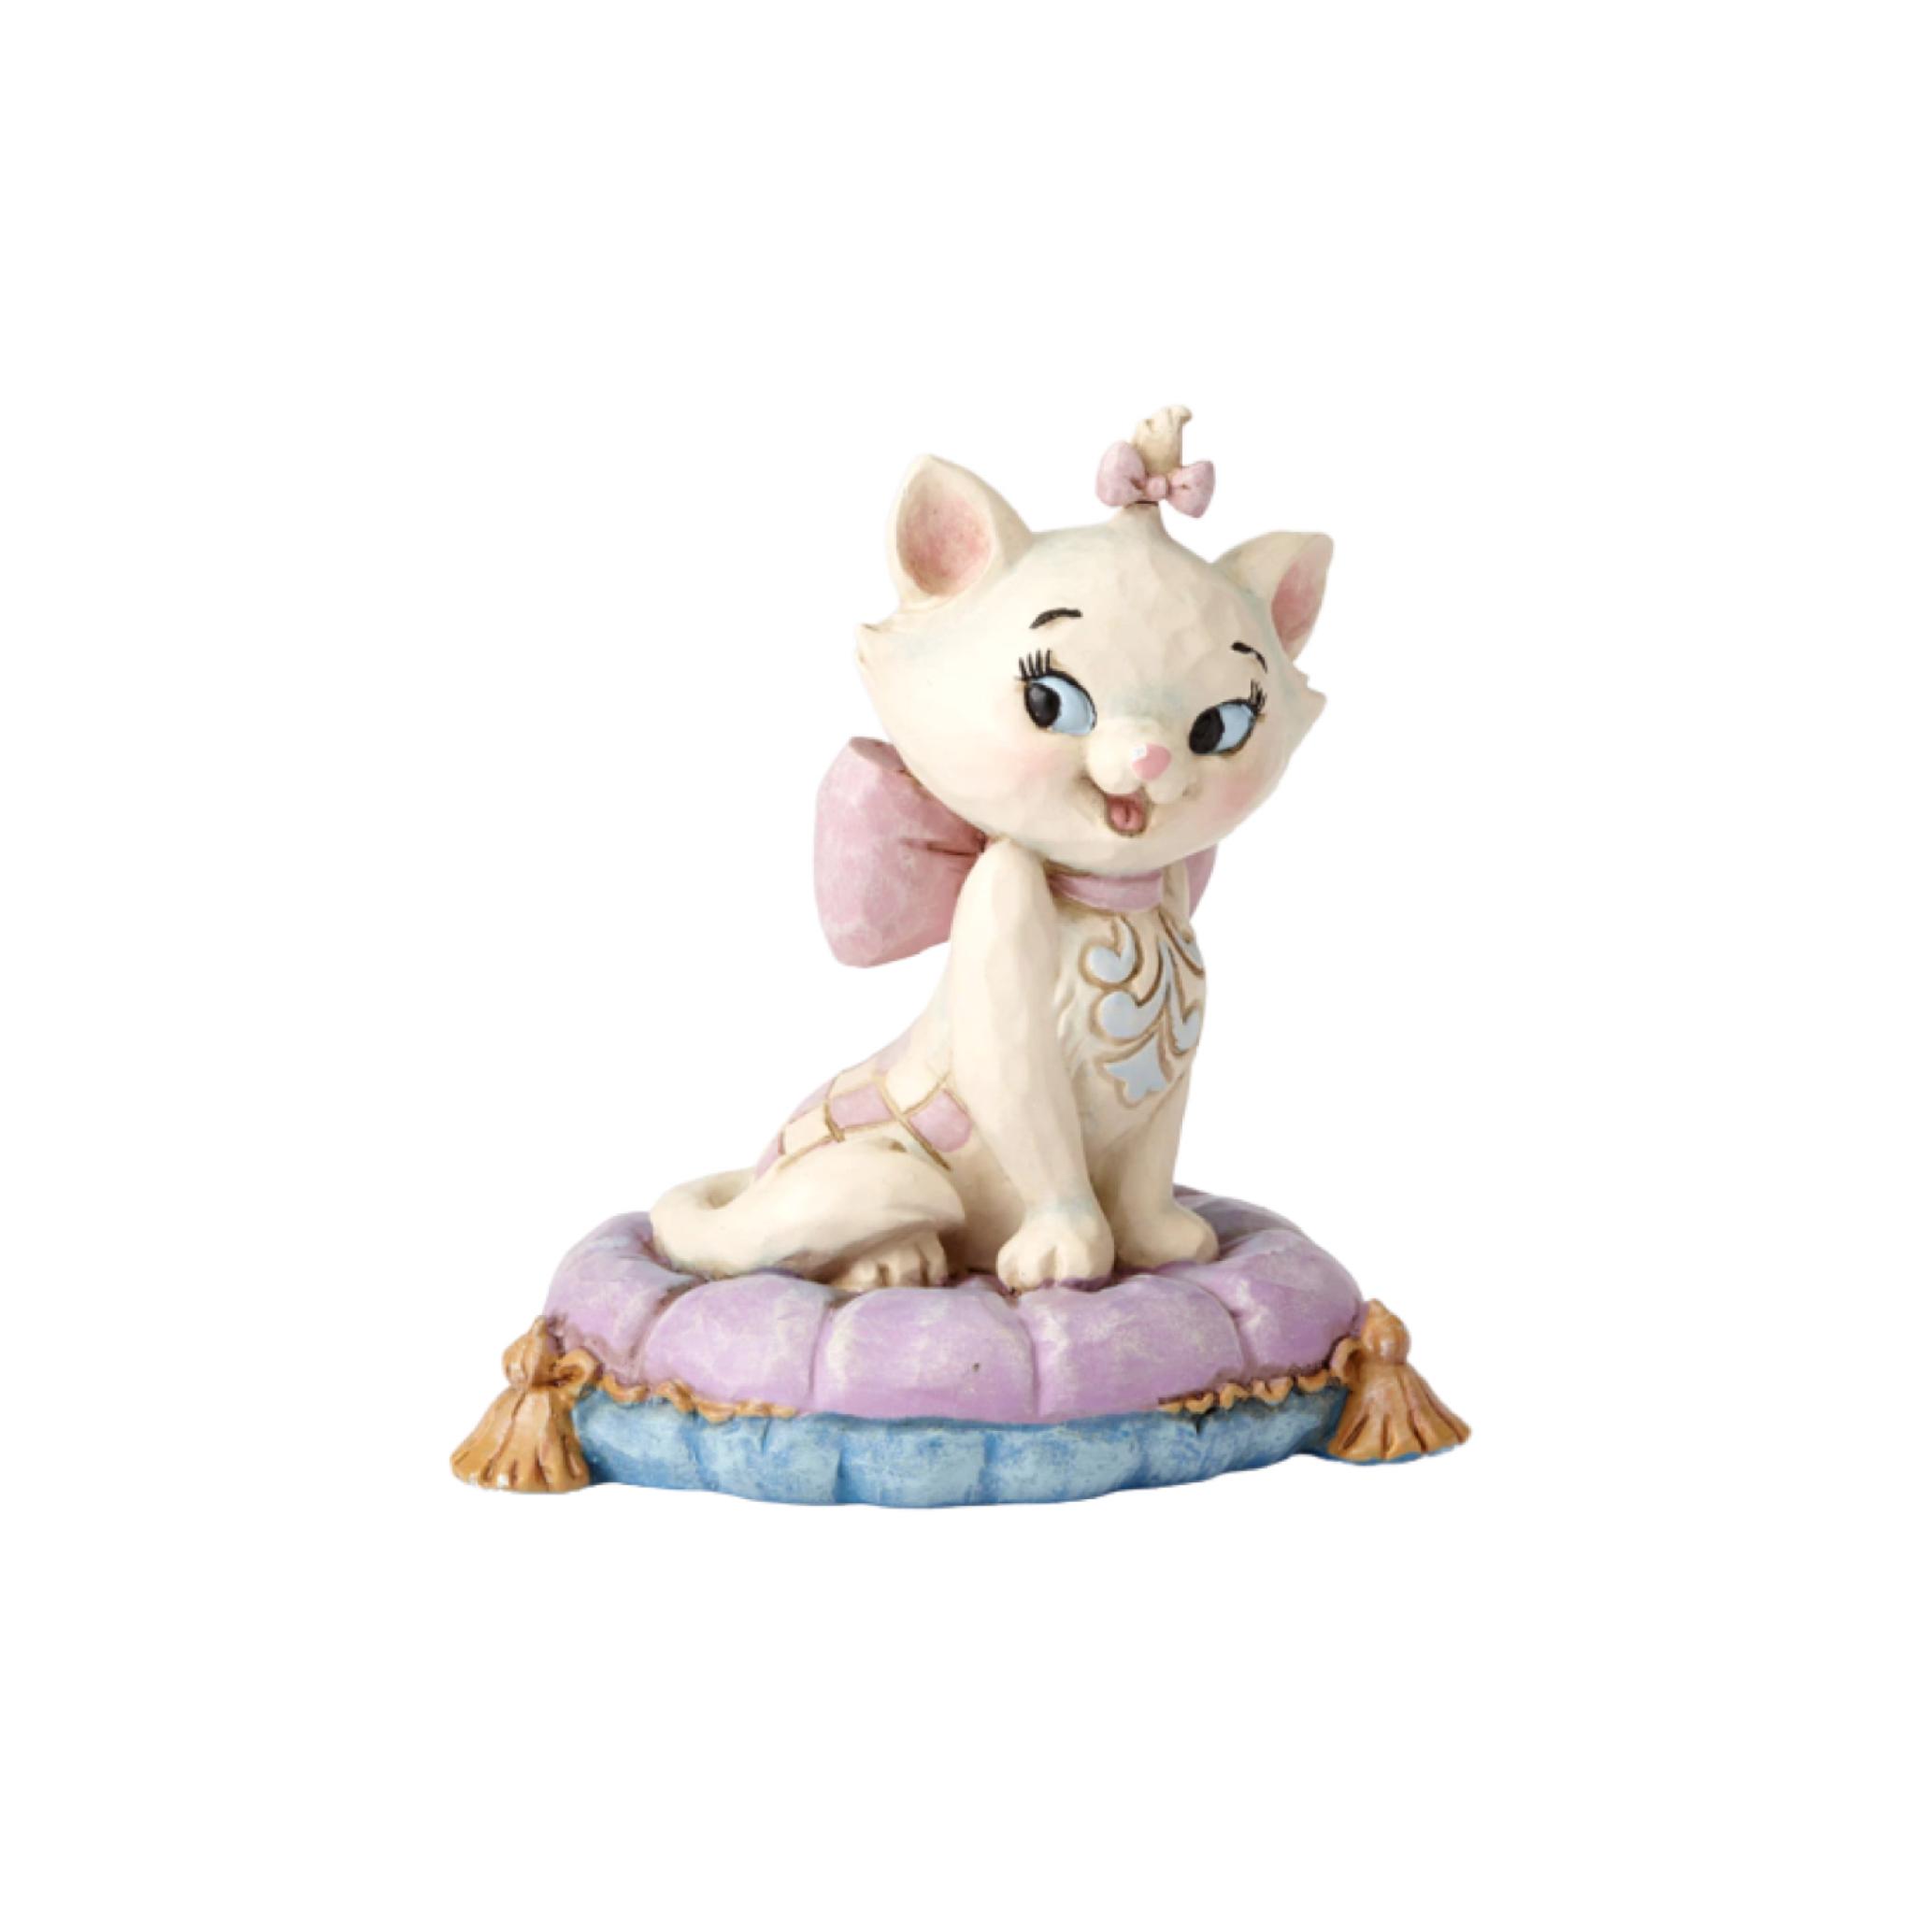 مجسمه اورجینال ماریا، گربه های اشرافی